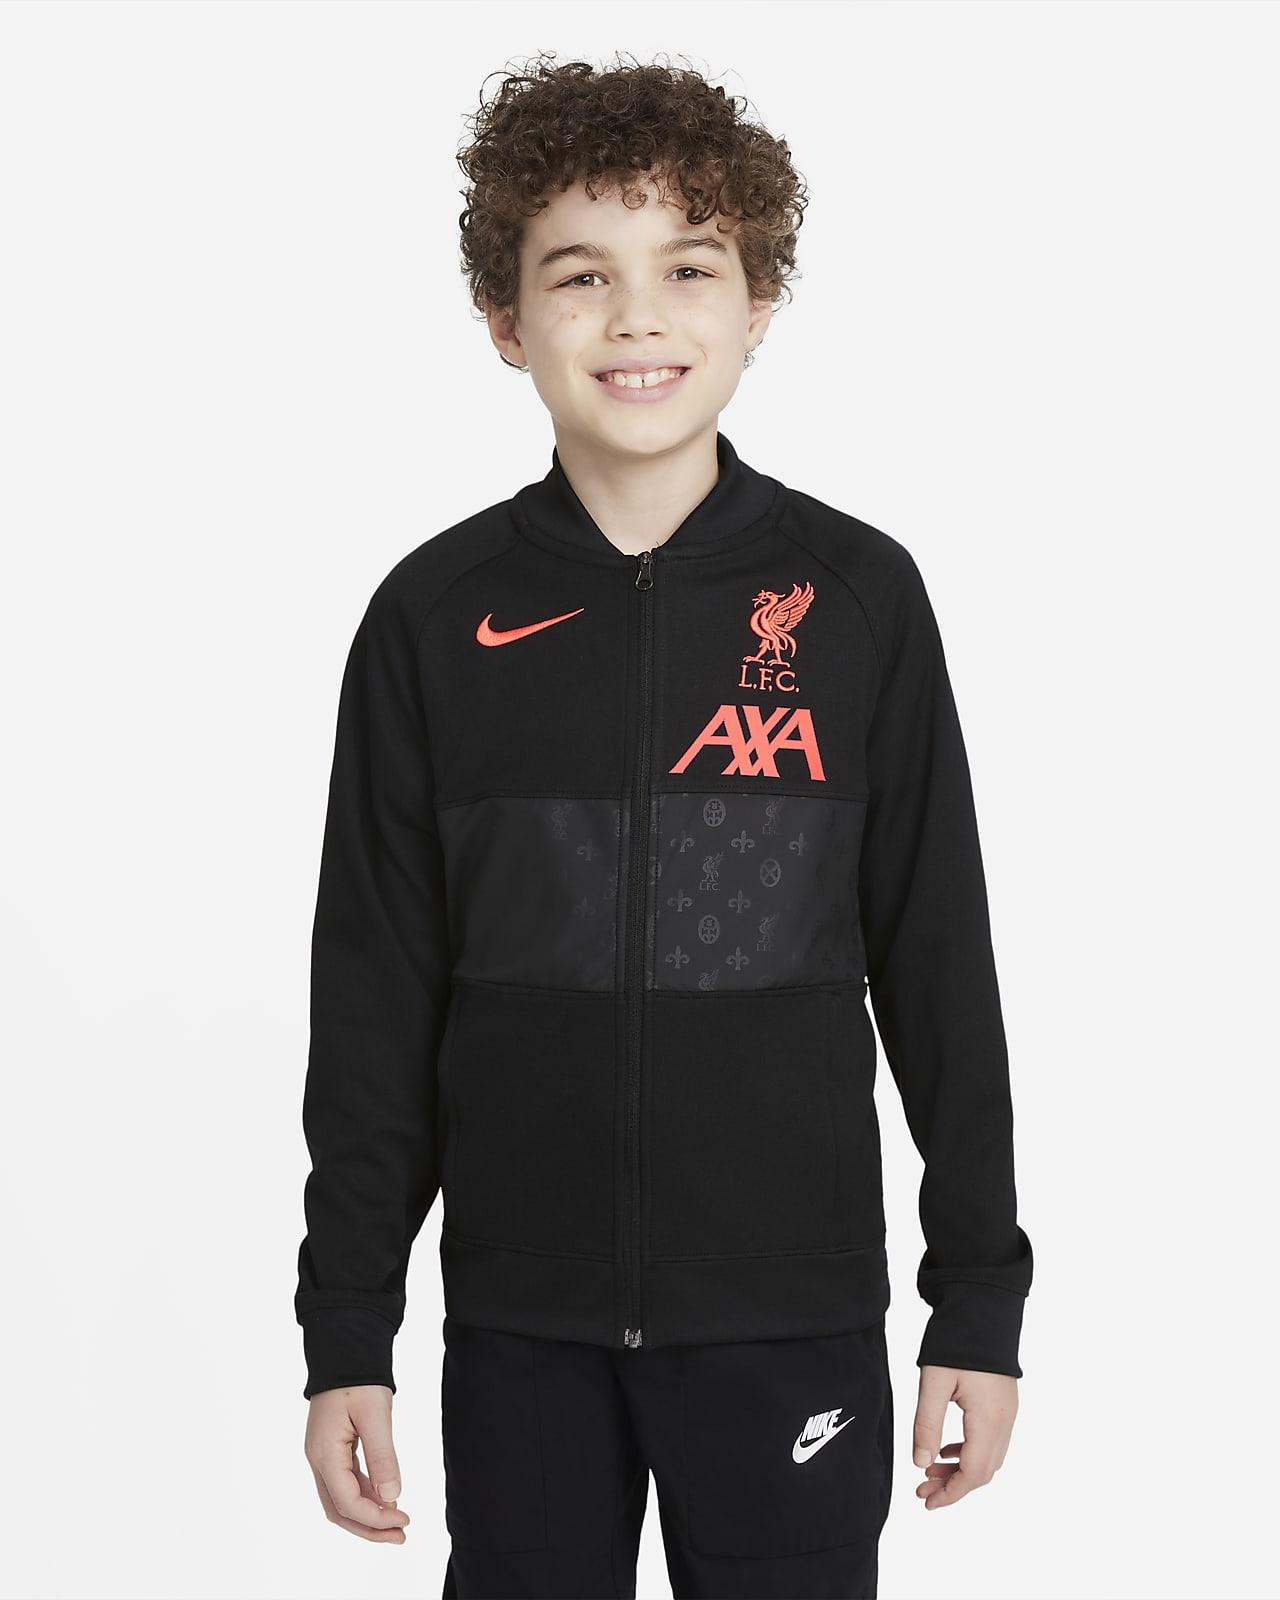 Liverpool F.C. Older Kids' Full-Zip Football Tracksuit Jacket